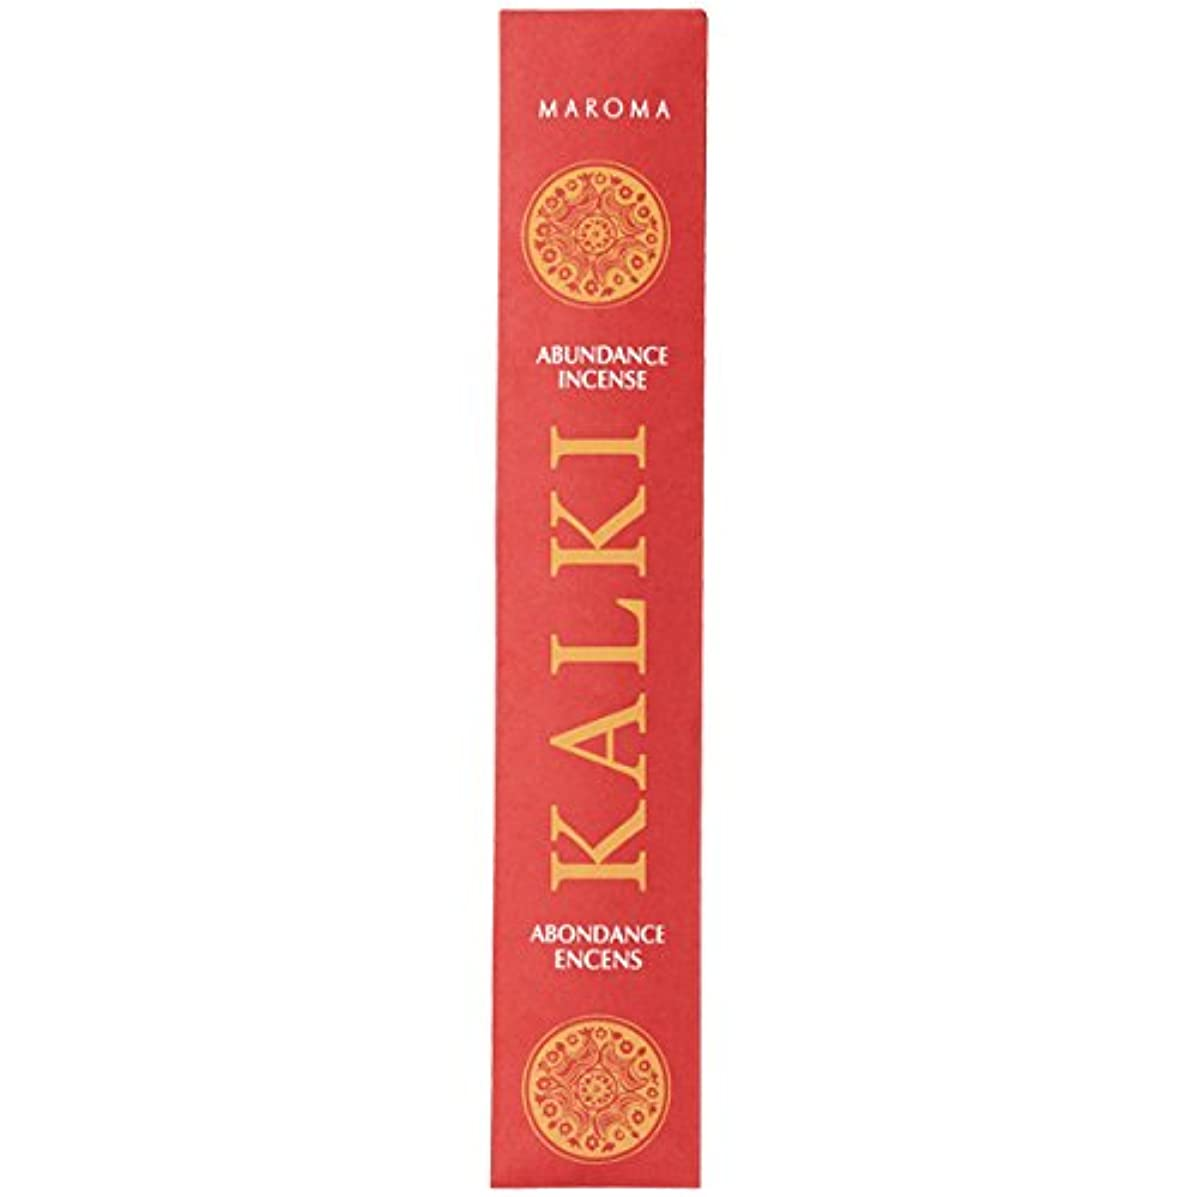 繰り返す彫刻家経済的カルキ アバンダンス (KALKI ABUNDANCE) (裕福な心) 10本(25g) お香